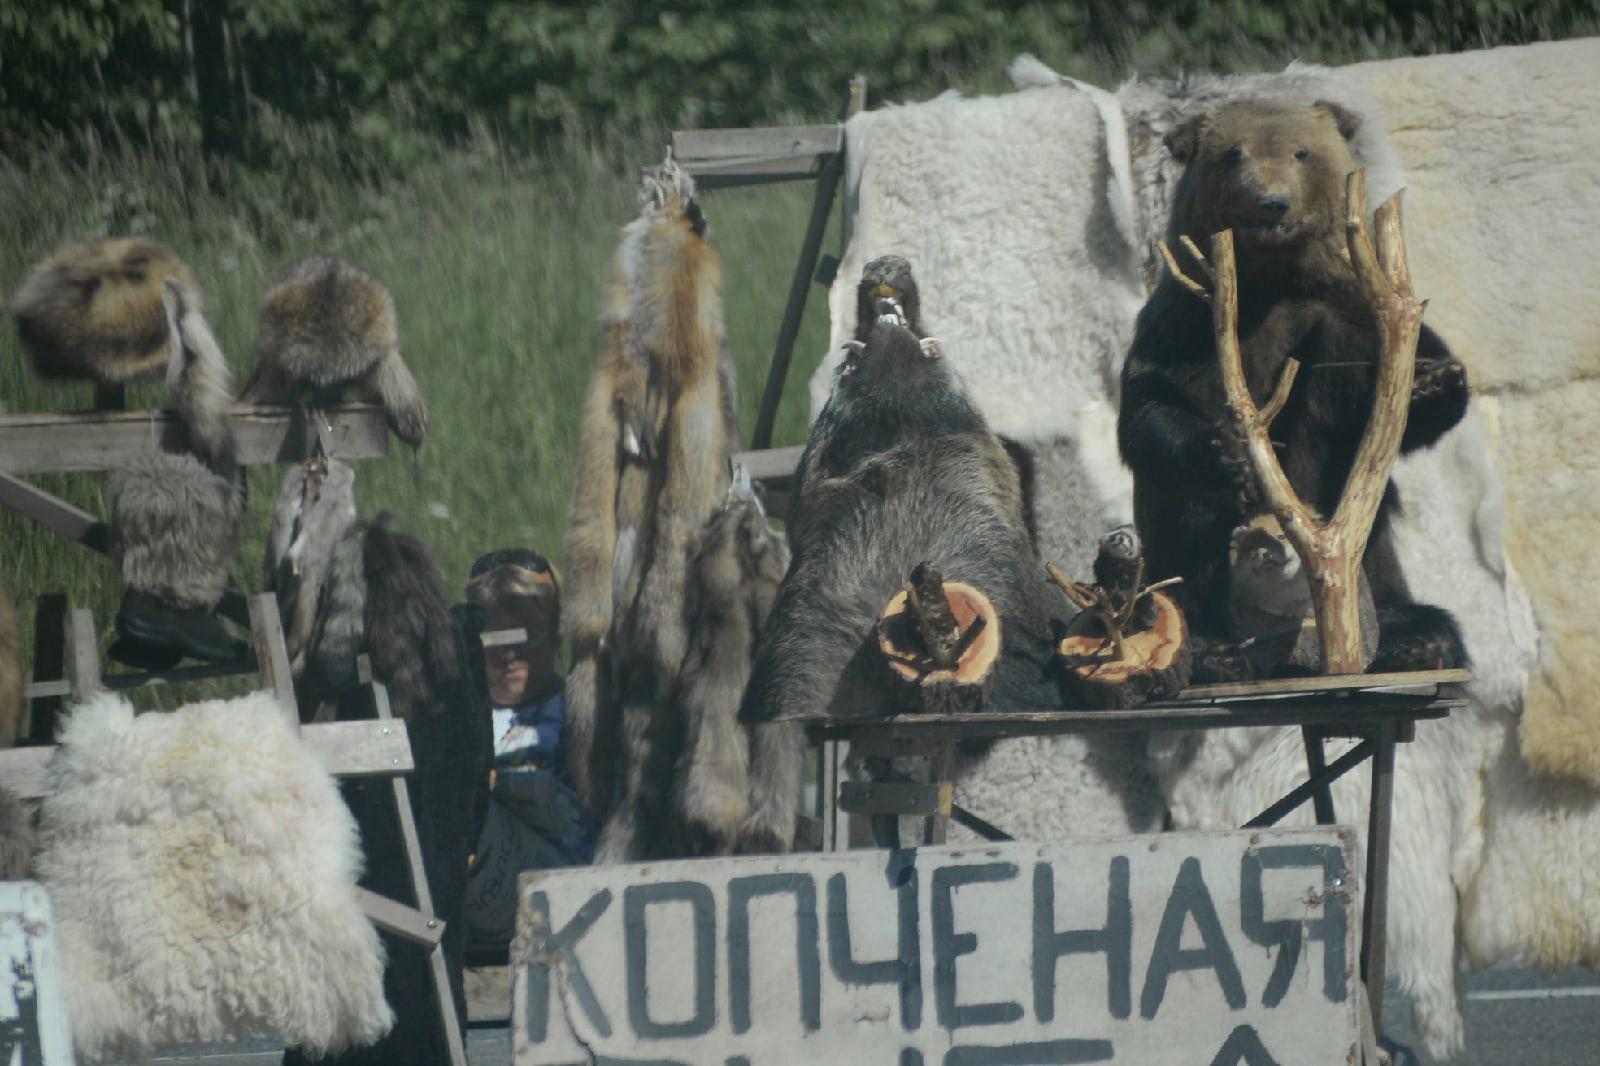 «Фактов не выявлено»: в Минприроды Тверской области ответили активисту, обвинившему регион в культе убийства диких животных - новости Афанасий